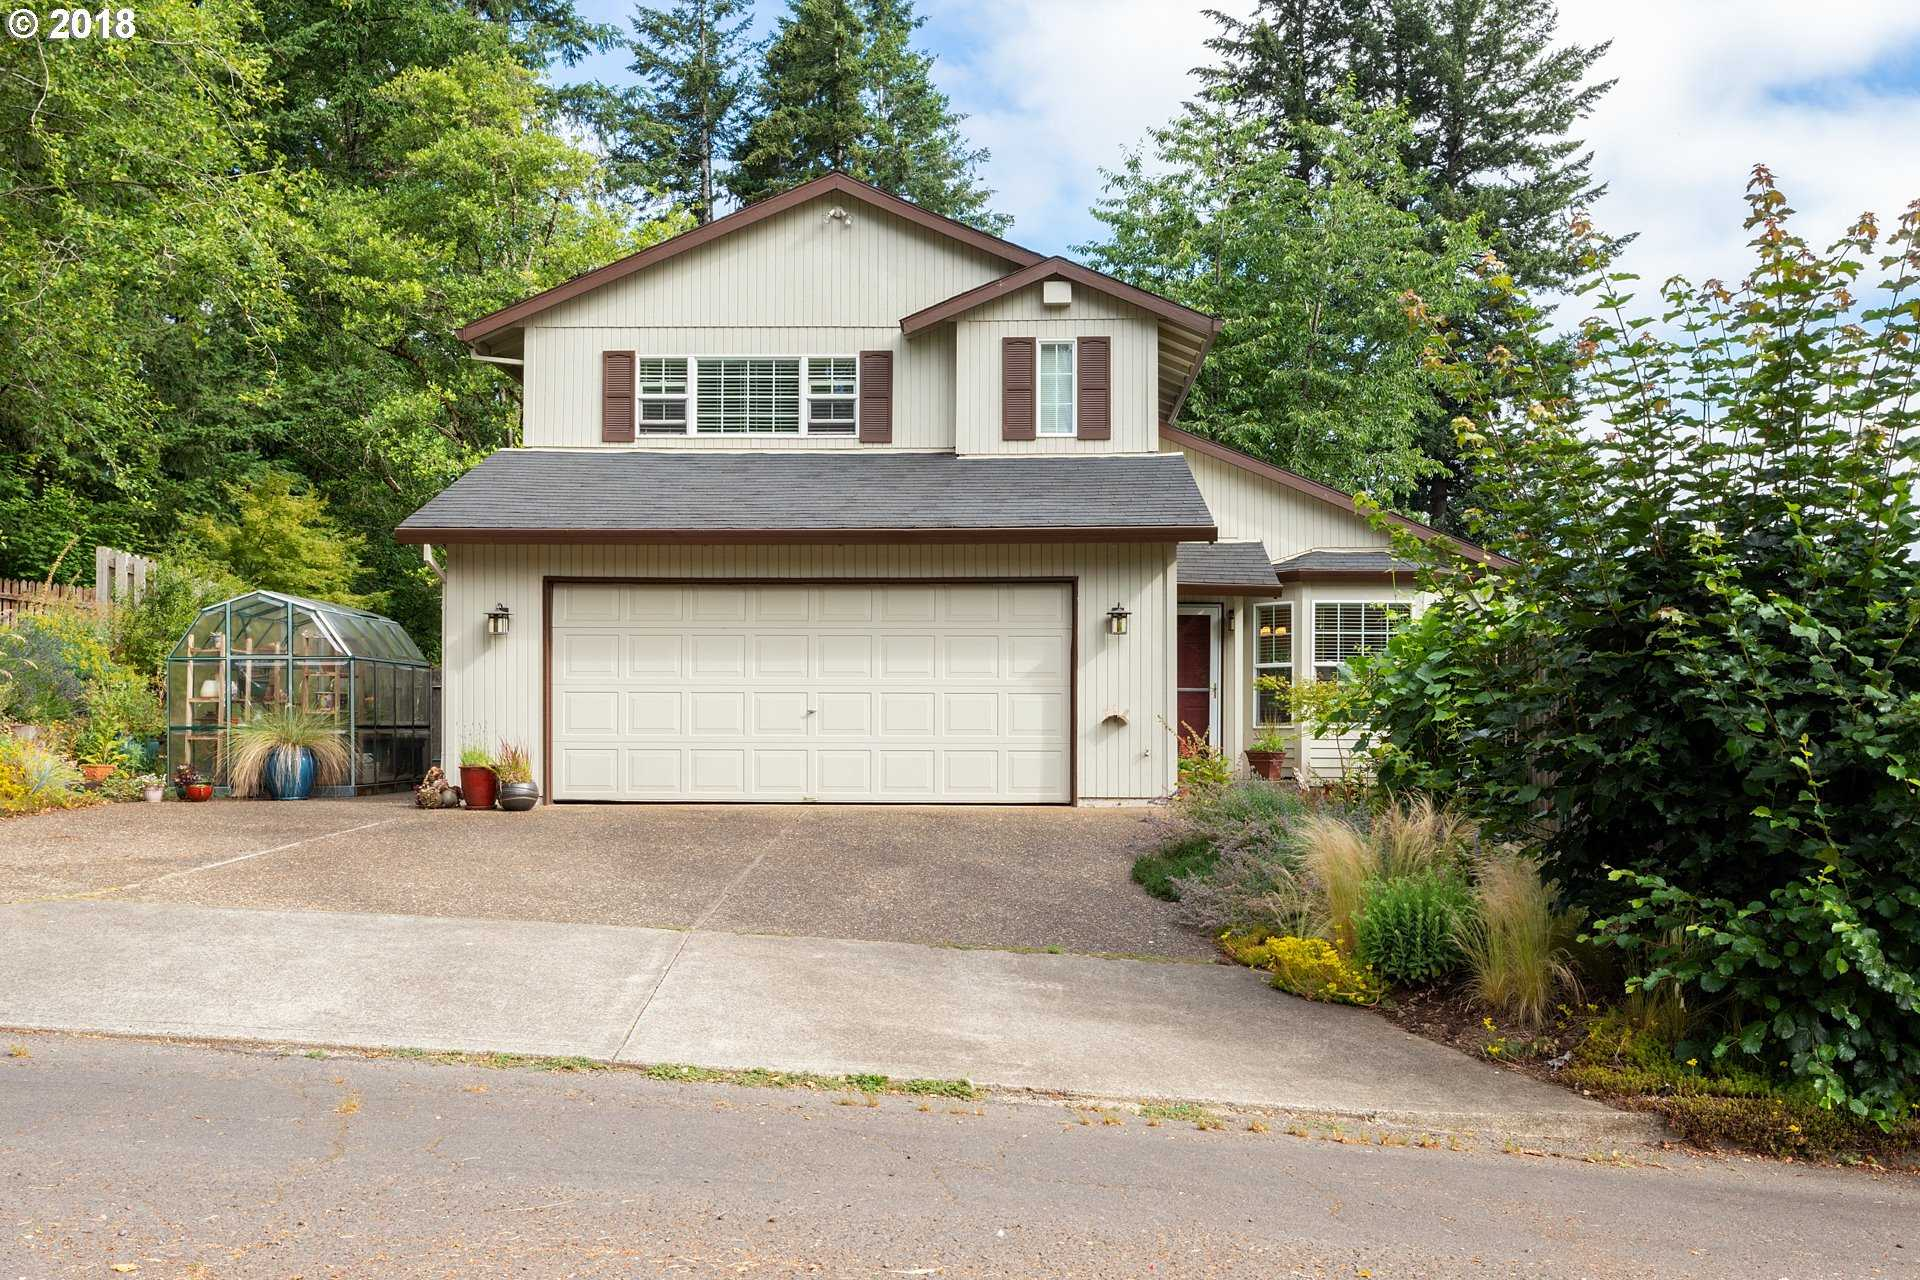 $369,900 - 3Br/3Ba -  for Sale in Beavercreek